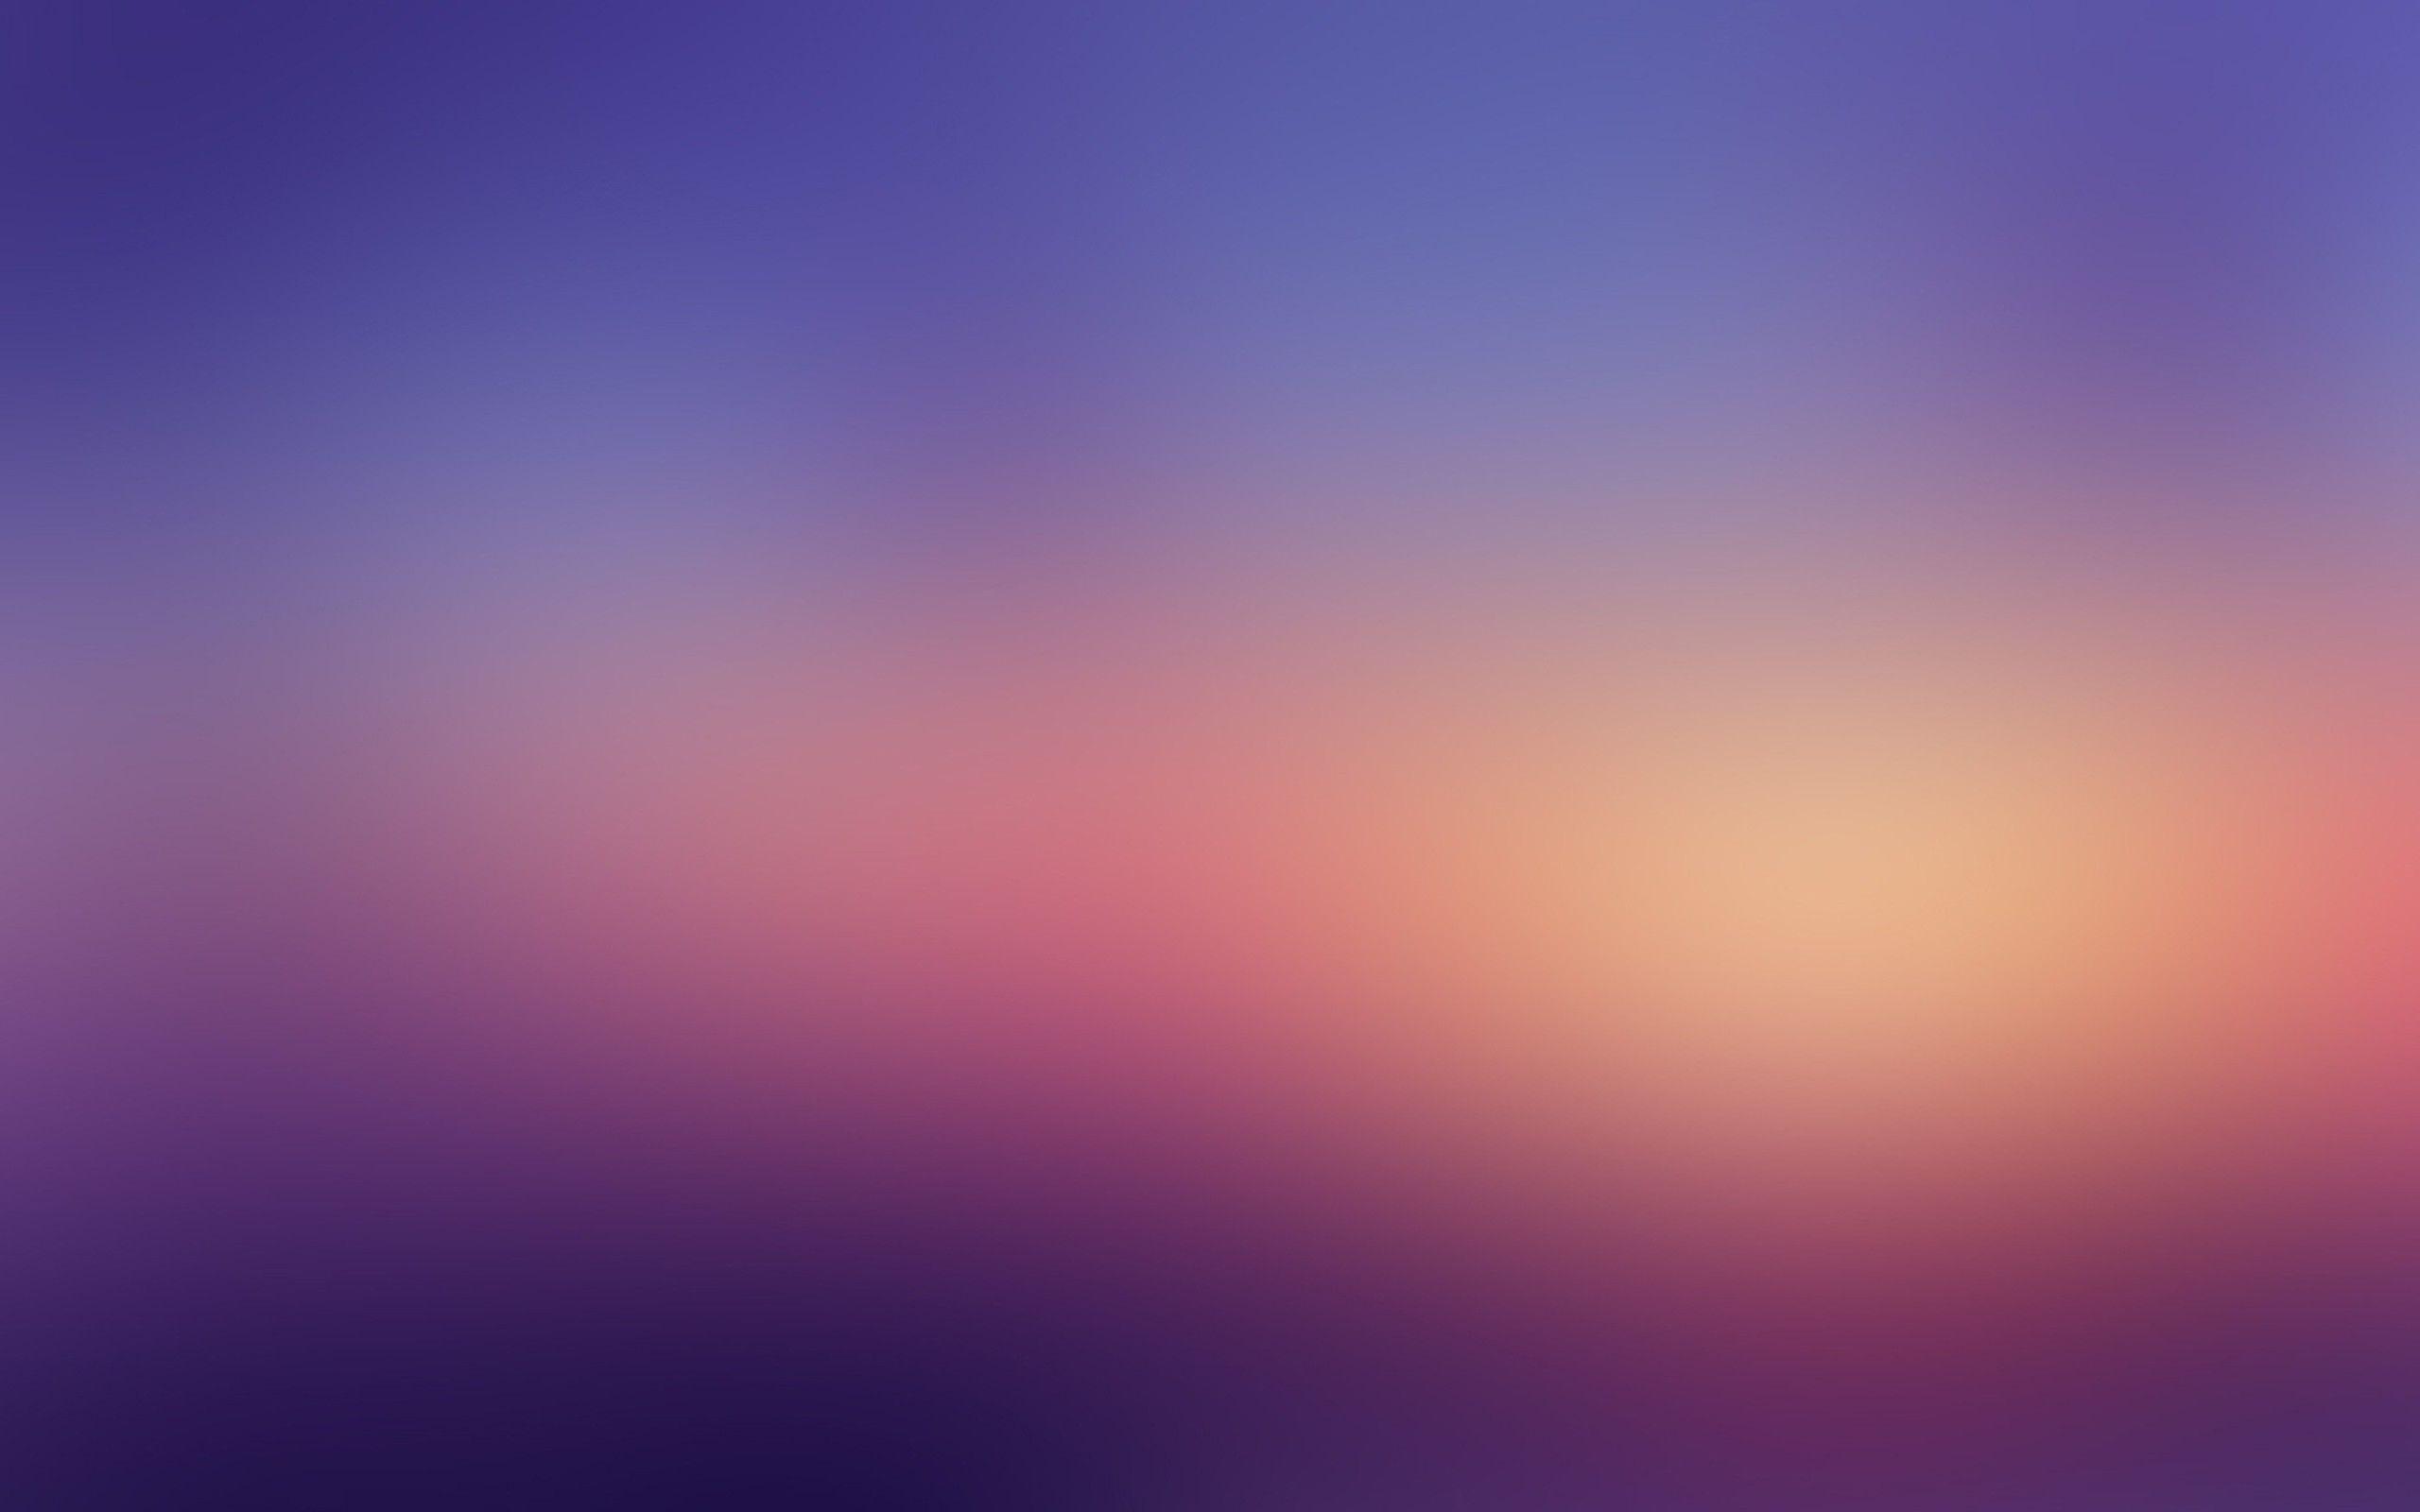 Gradient Wallpapers Top Free Gradient Backgrounds